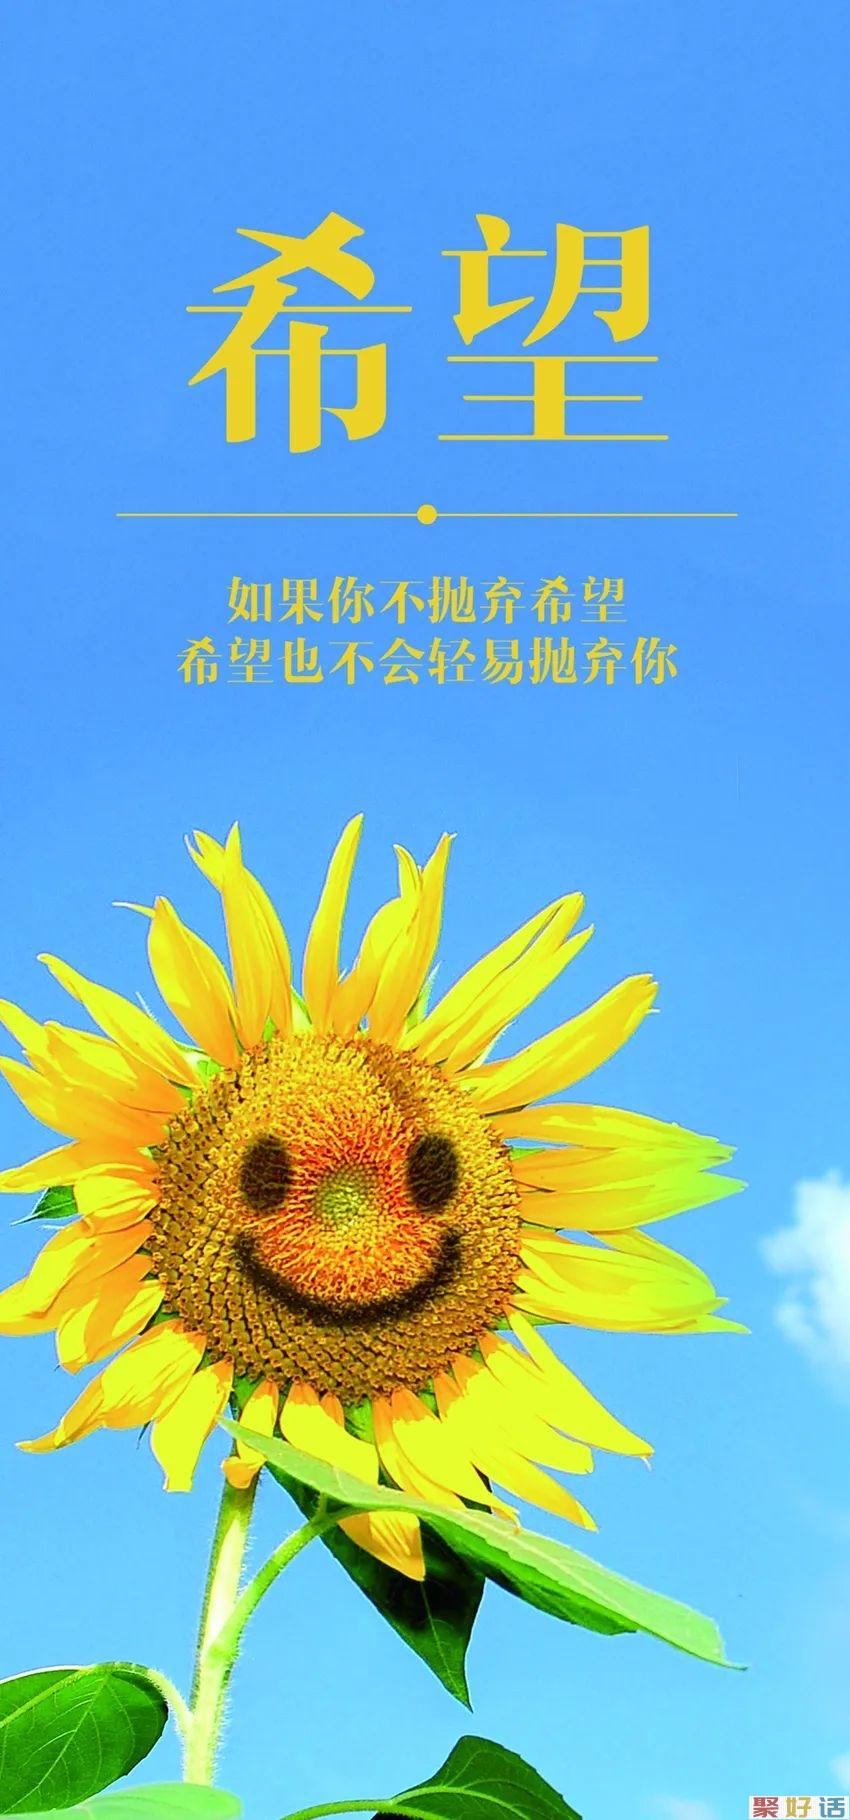 清晨正能量暖心的励志句子,简单干净,激励你奋斗插图5